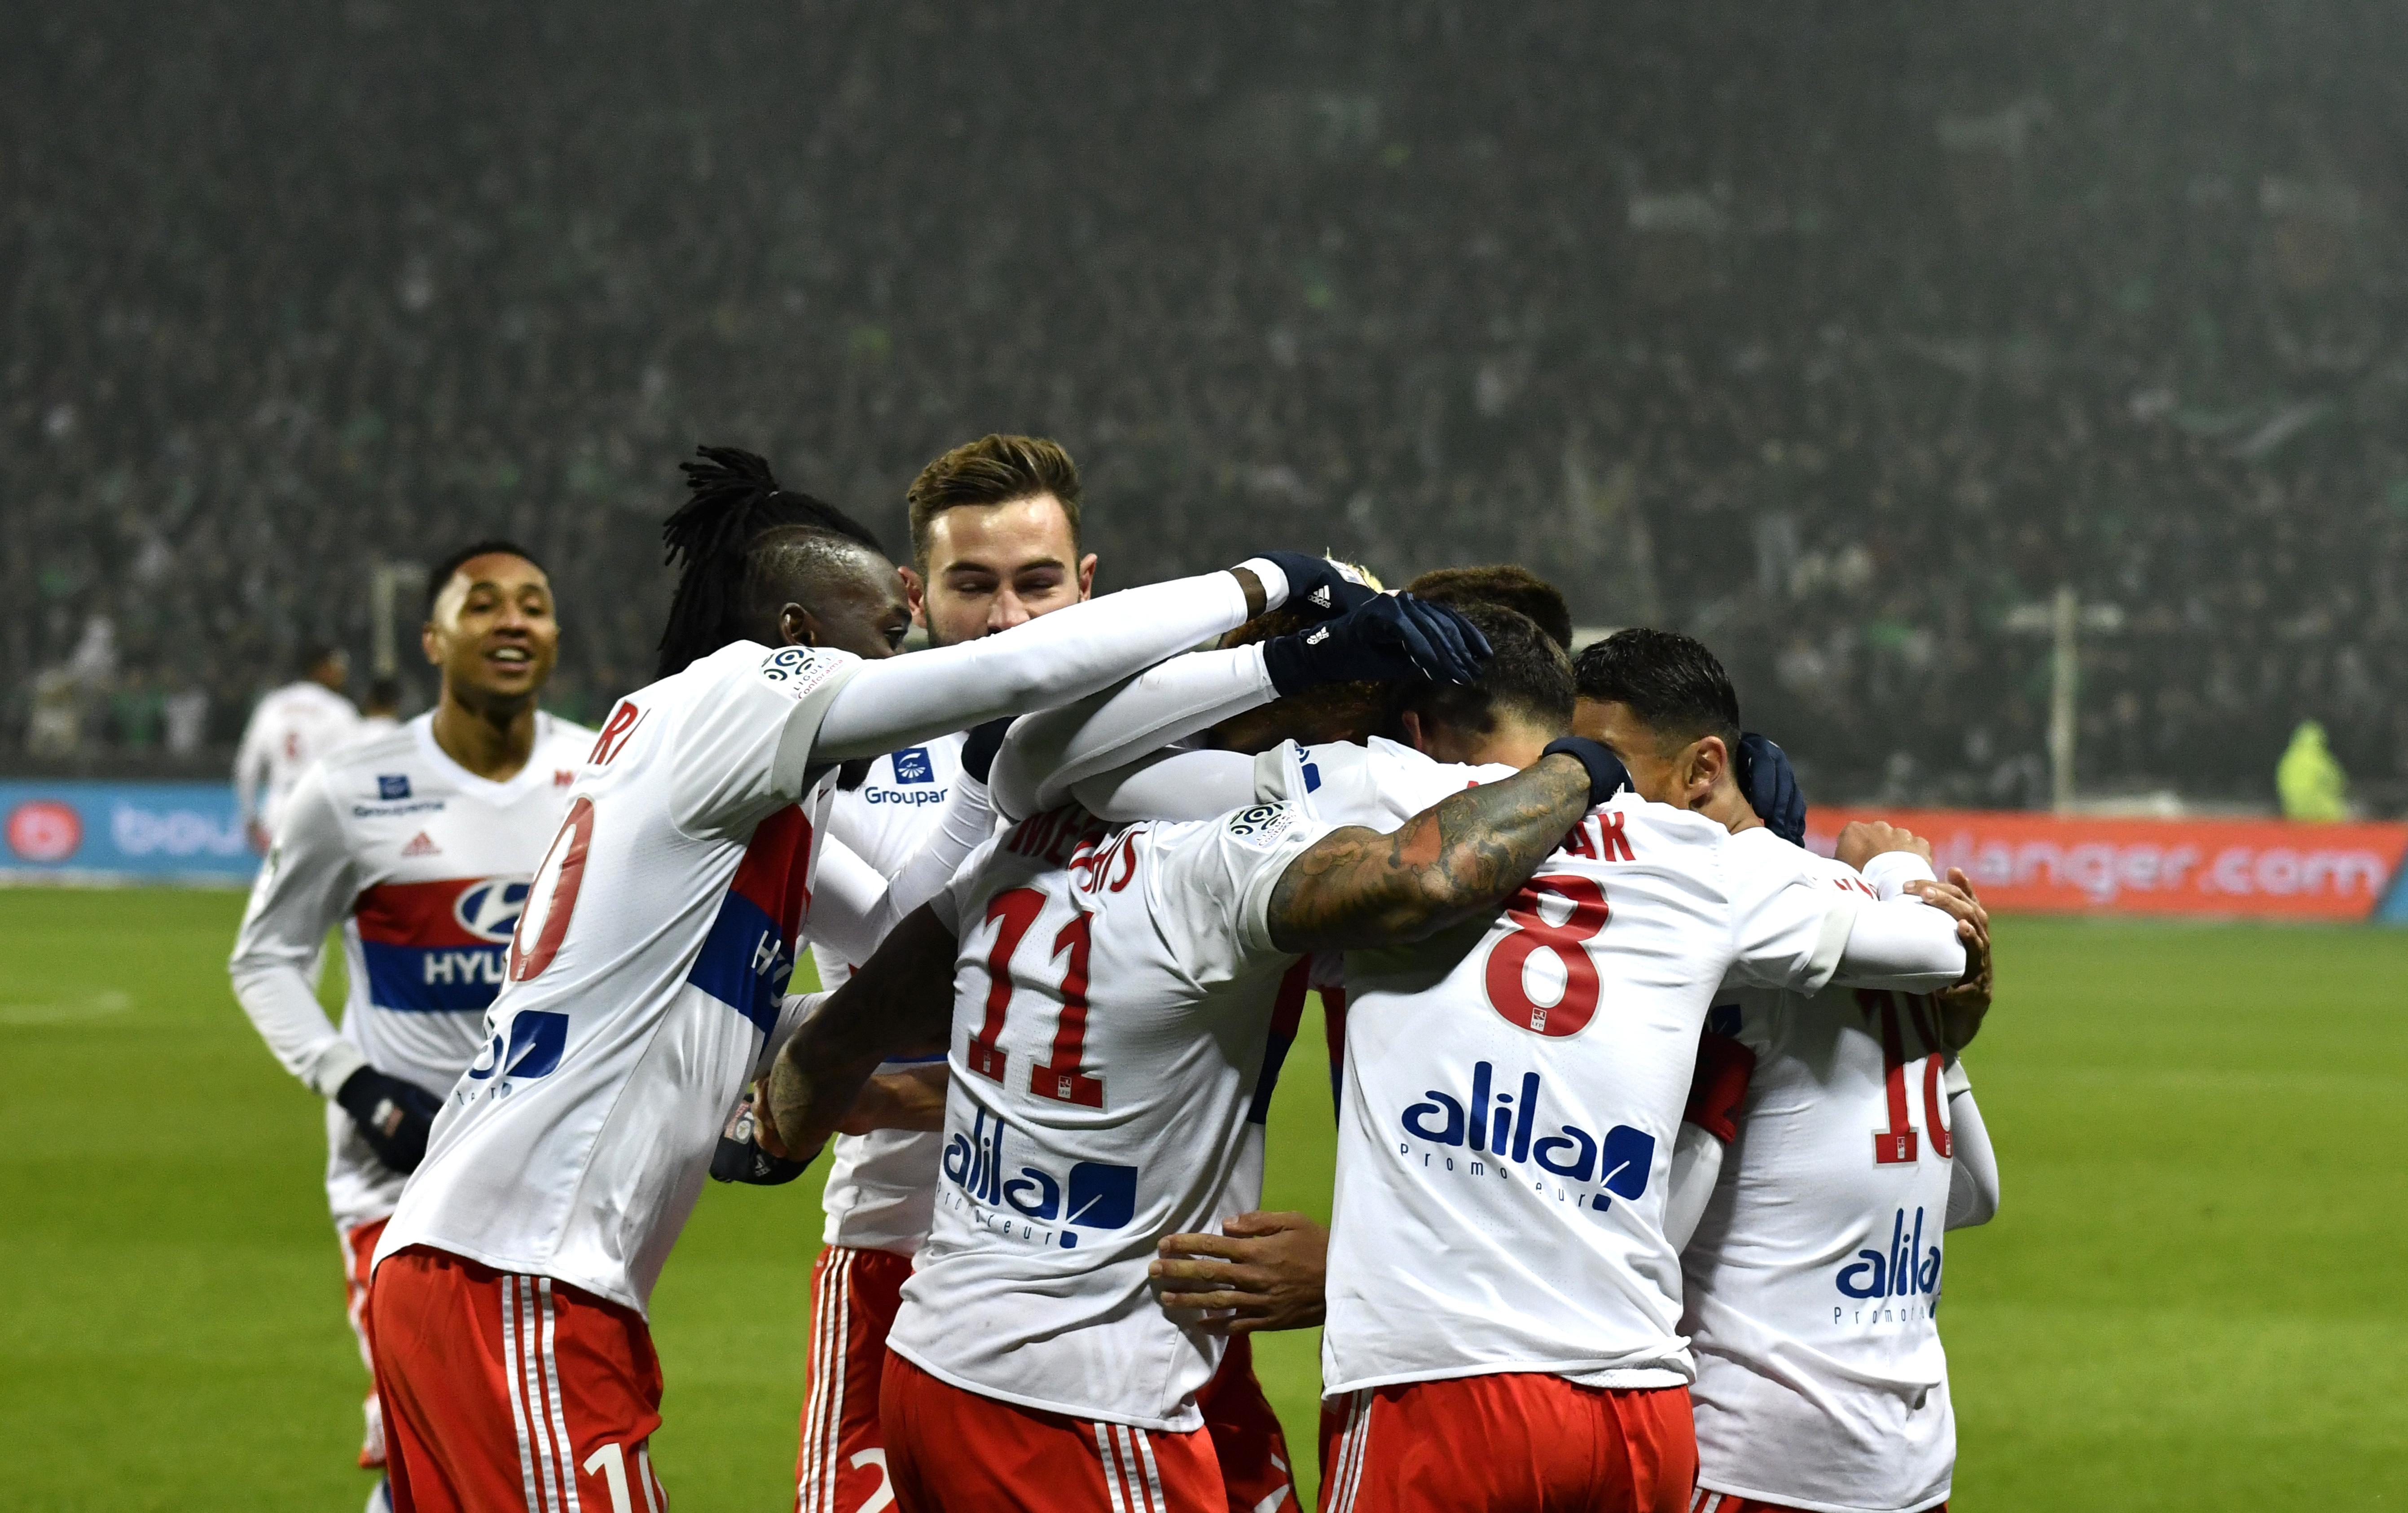 EN DIRECT. Rennes-Marseille (0-3) : Thauvin participe à la fête !